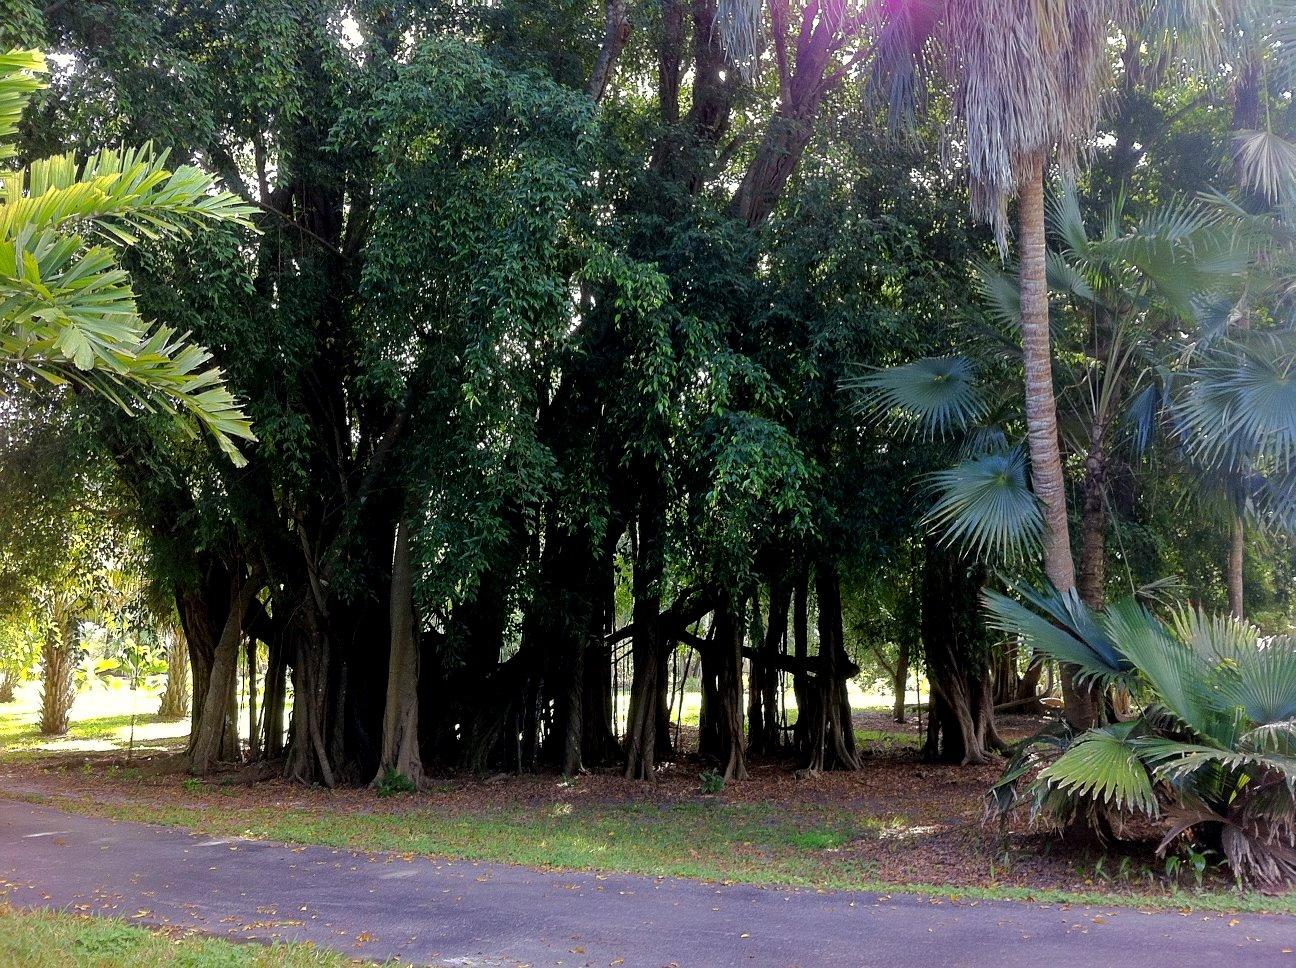 Sacred Banyan